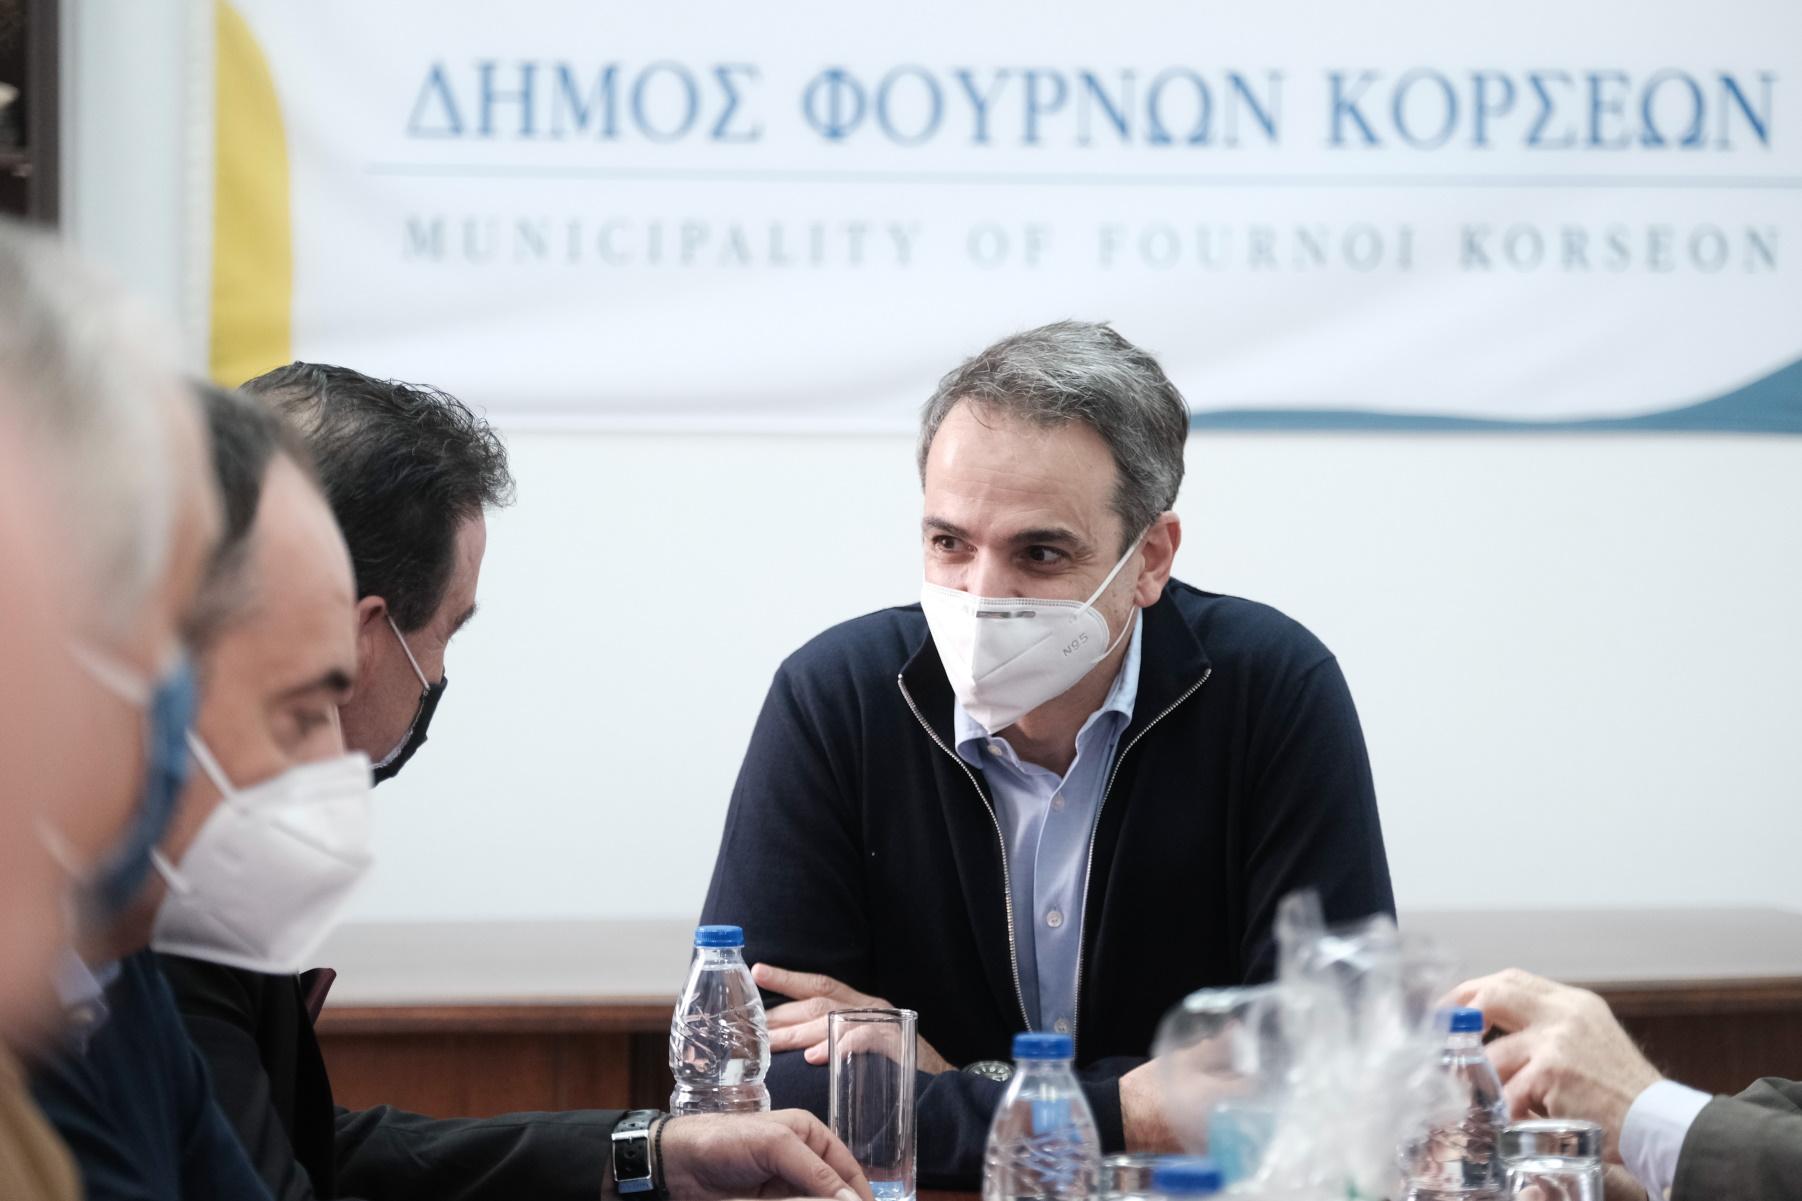 Μητσοτάκης στους Φούρνους: Όλοι ανταποκρίνονται στον εμβολιασμό – Έπαινοι Φέργκιουσον για τον χειρισμό της Ελλάδας στην πανδημία